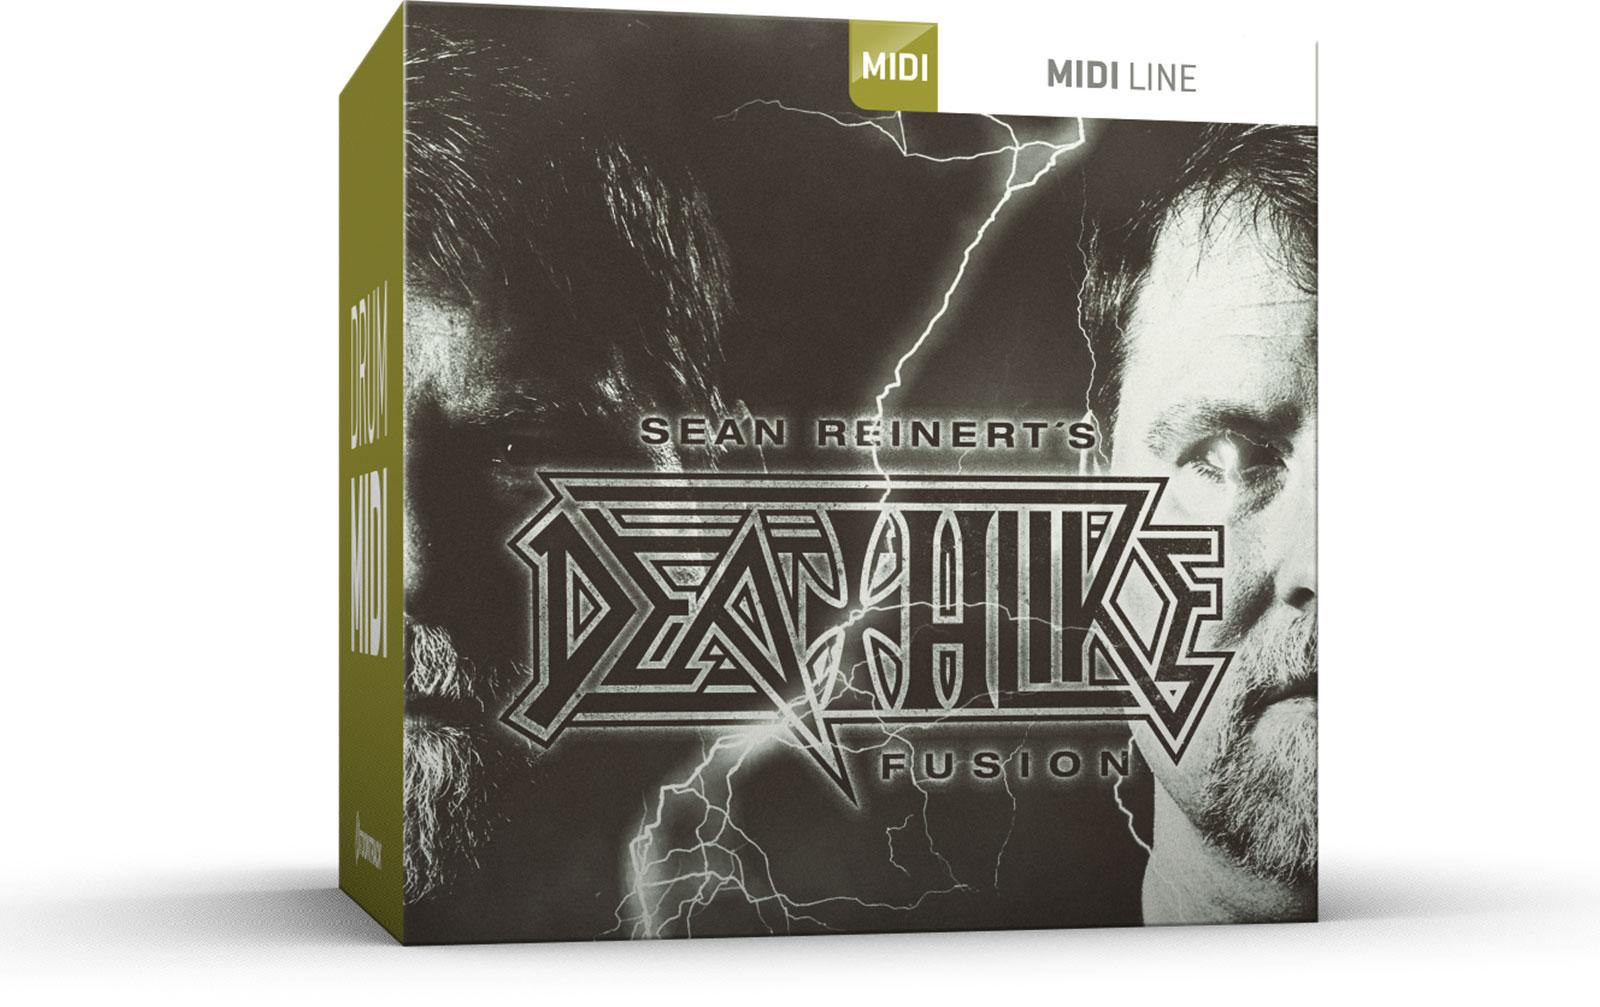 toontrack-deathlike-fusion-midi-pack-licence-key-